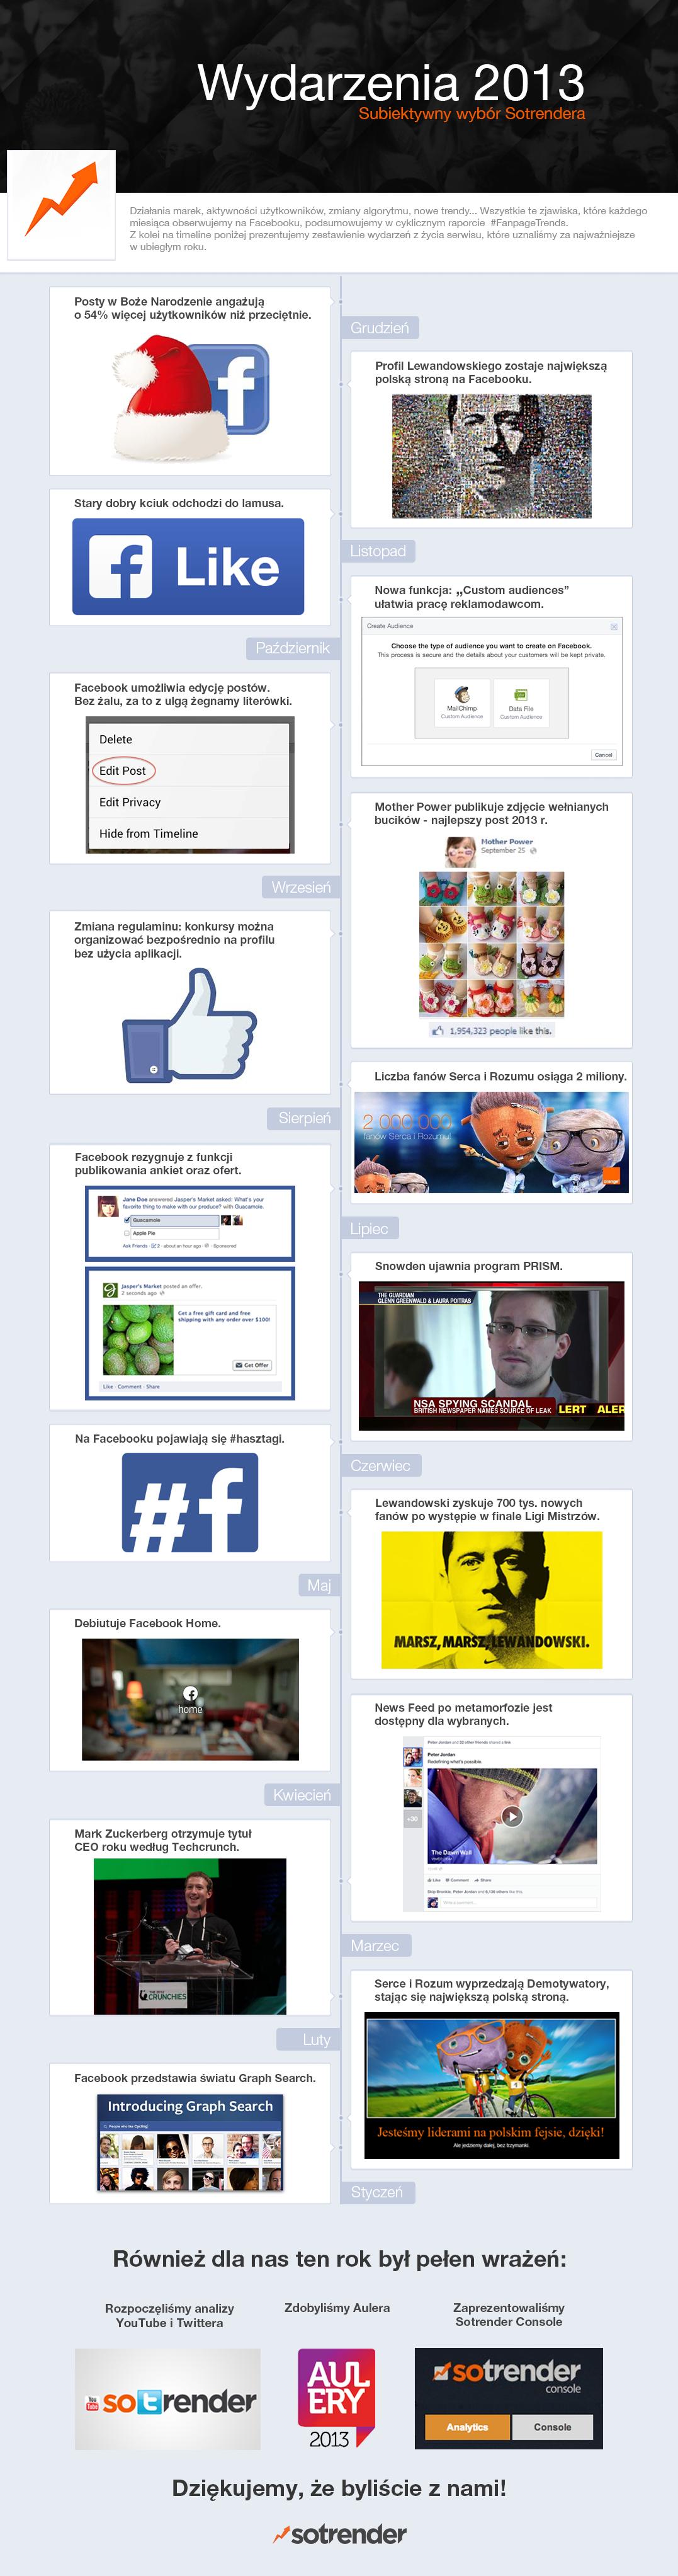 Wydarzenia 2013 - infografika Sotrendera